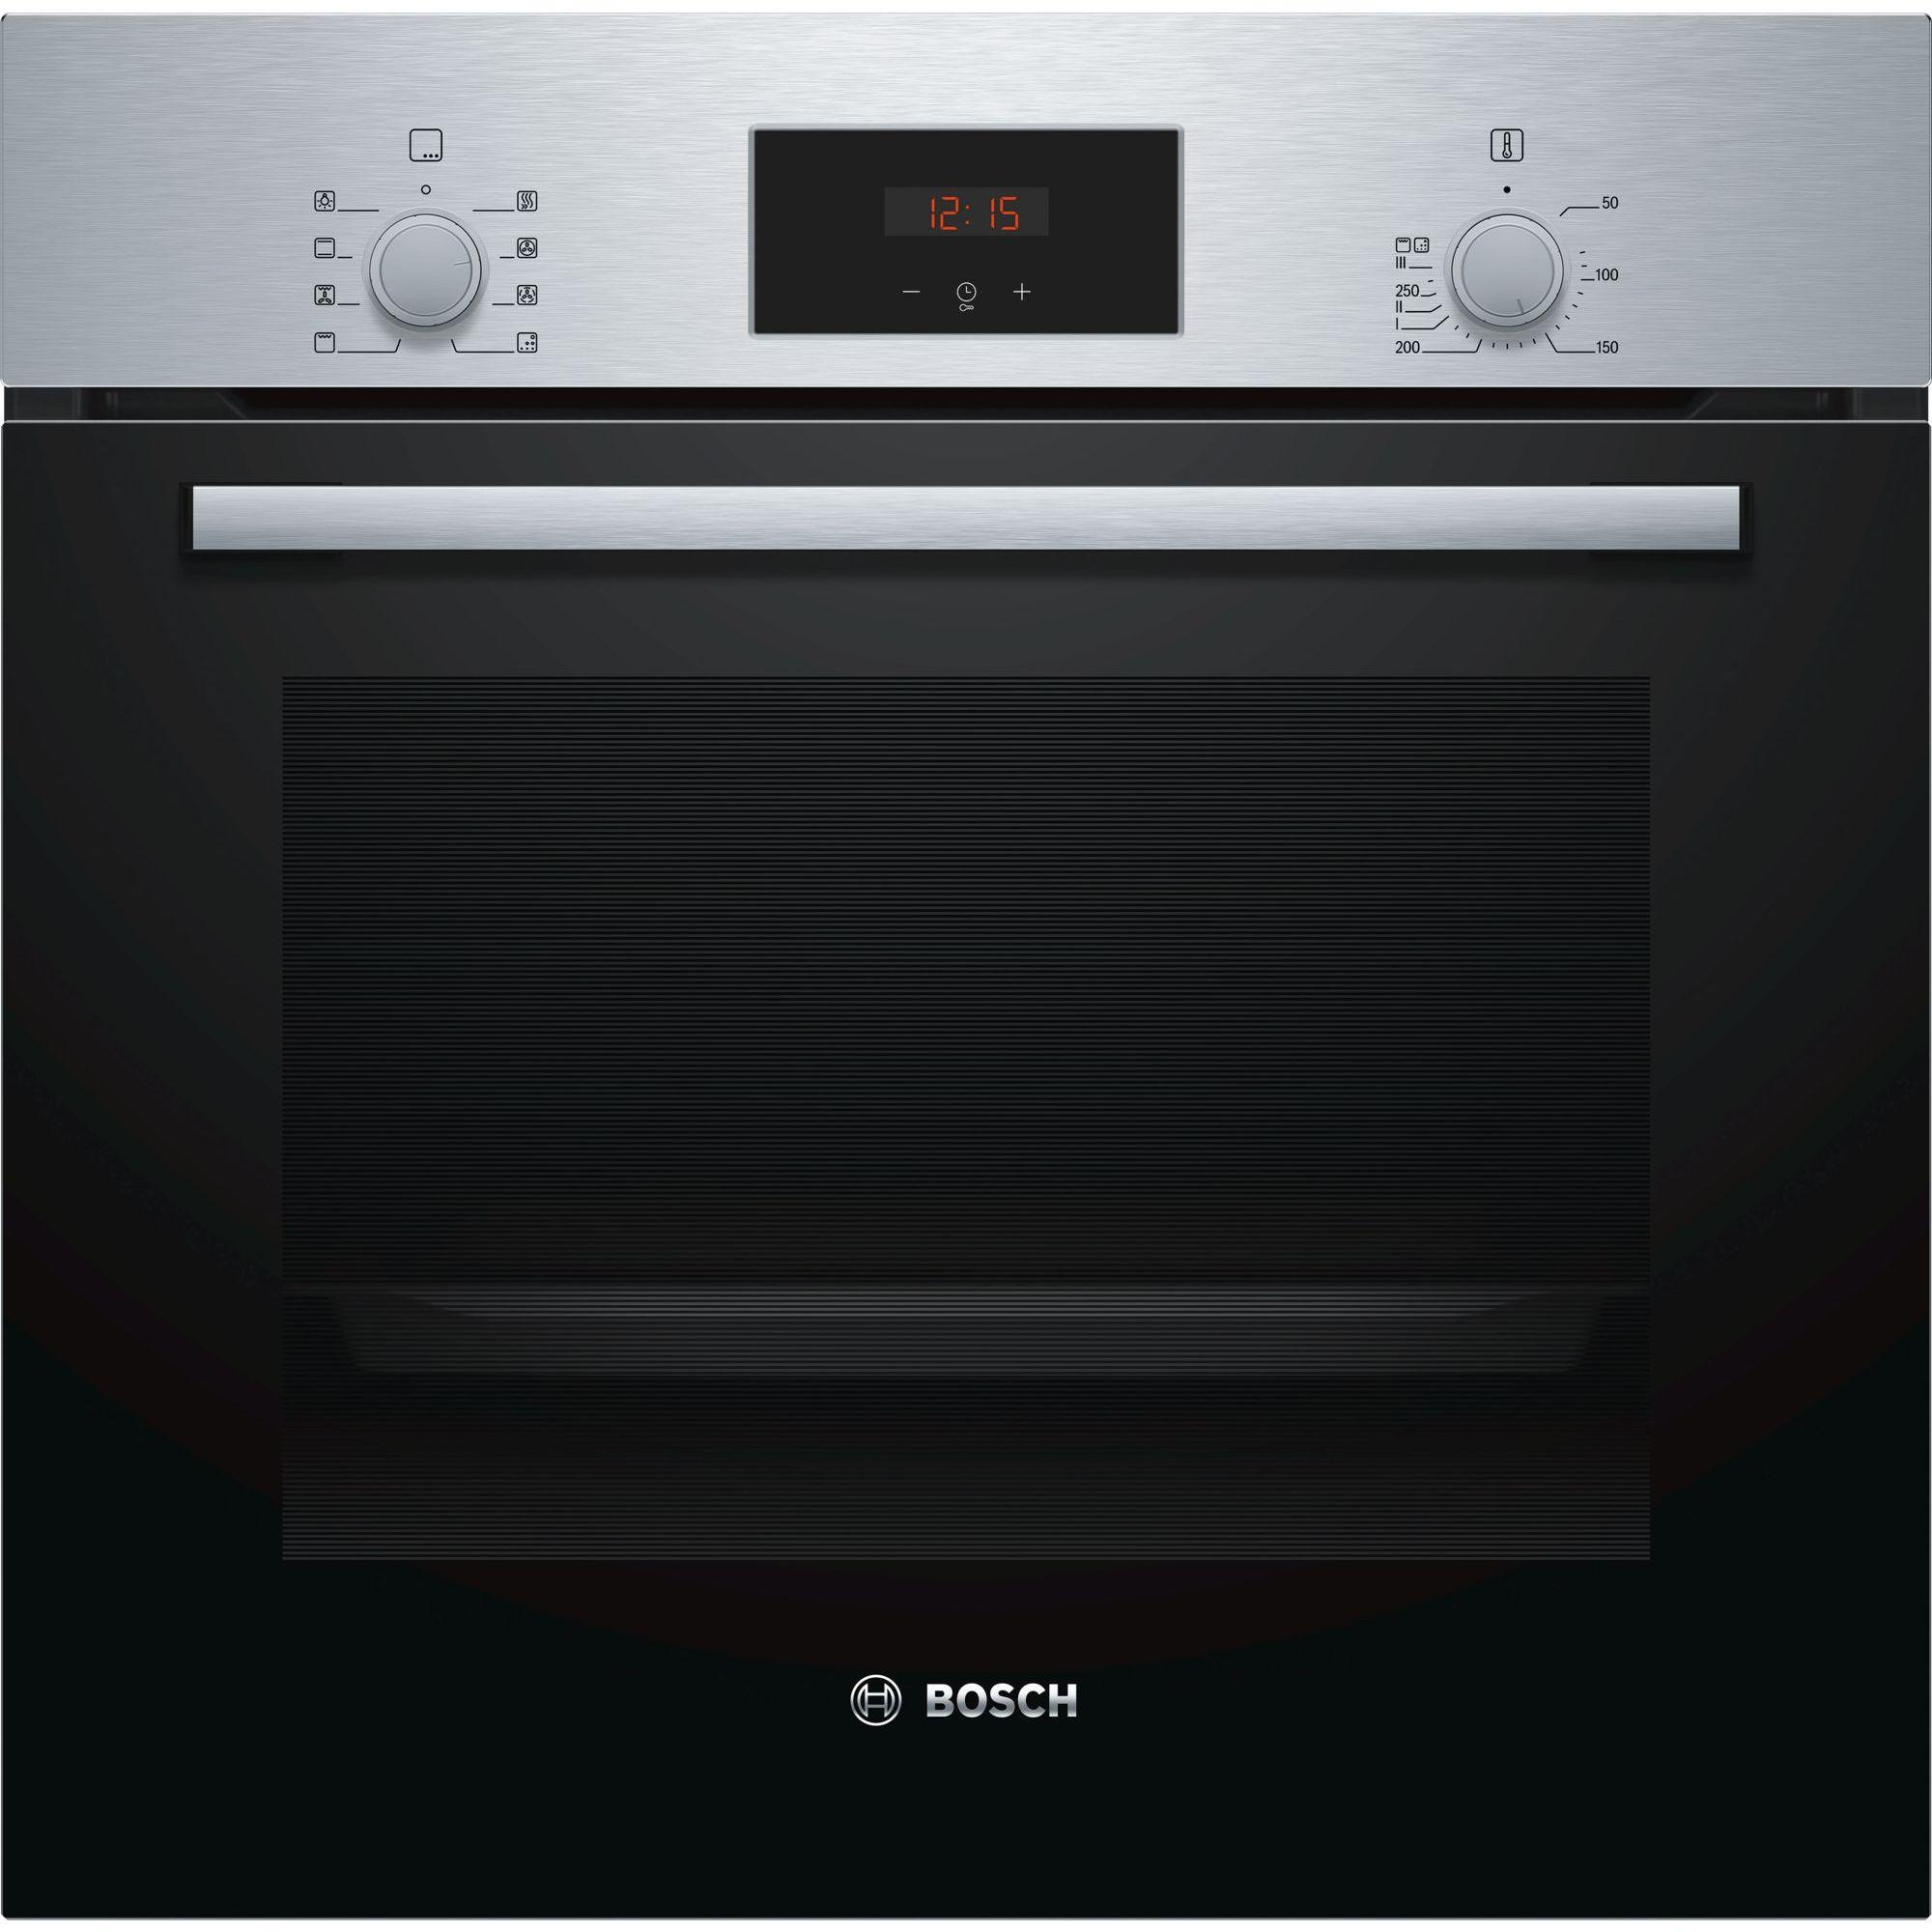 Fotografie Cuptor incorporabil Bosch HBF153BS0, Electric, Autocuratare EcoClean Direct, 66 l, Clasa A, Inox